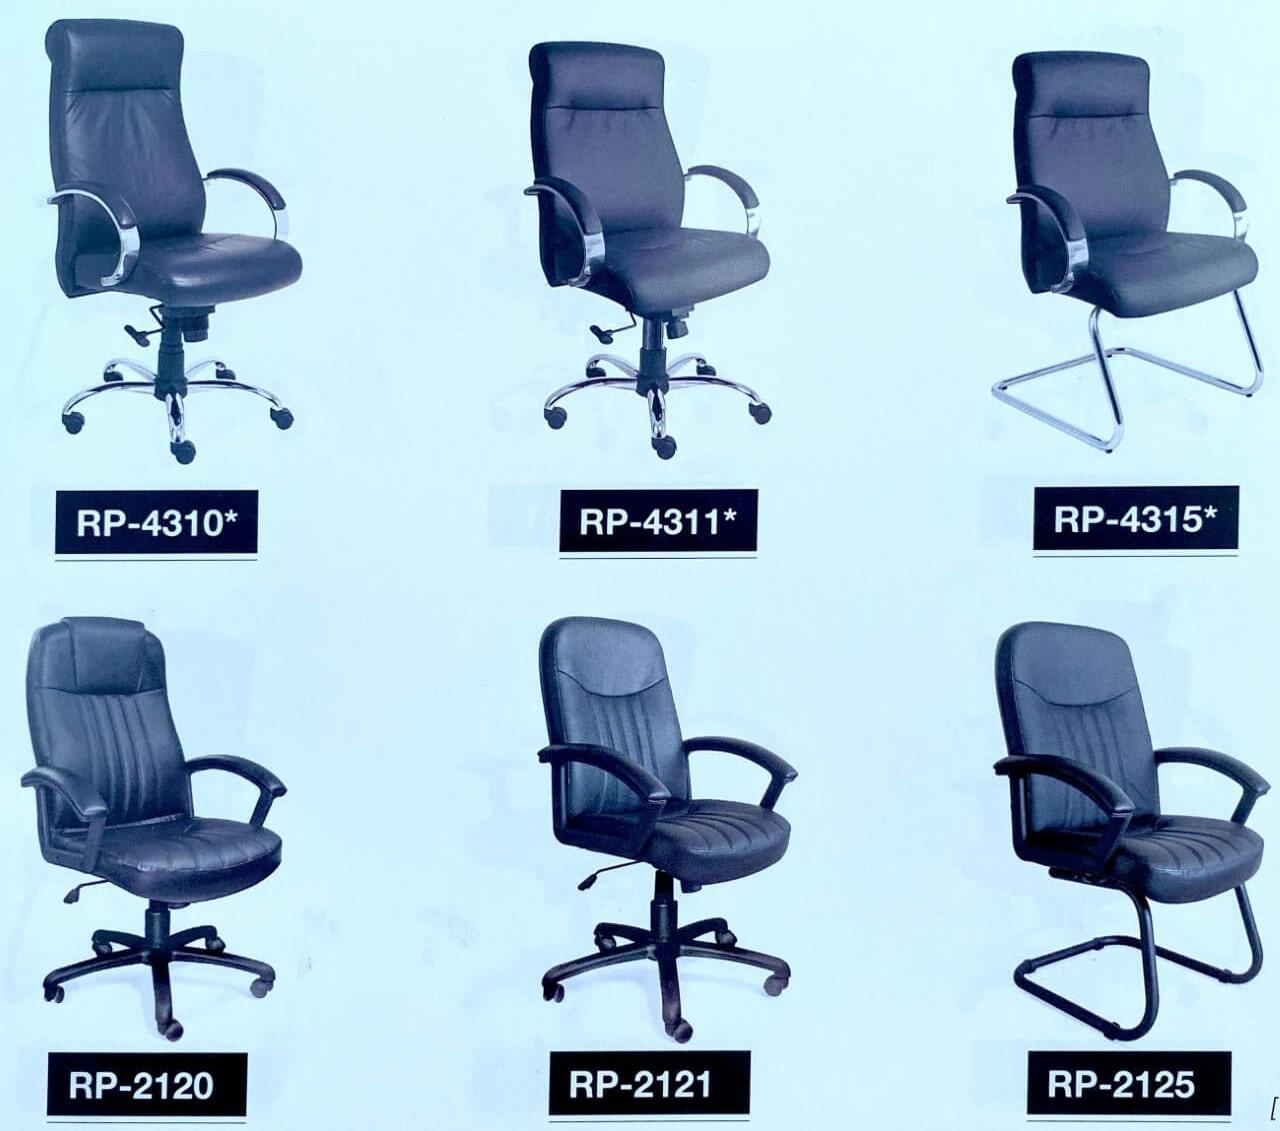 EQUIPOS DE OFICINA GB SA DE CV - sillas comodas